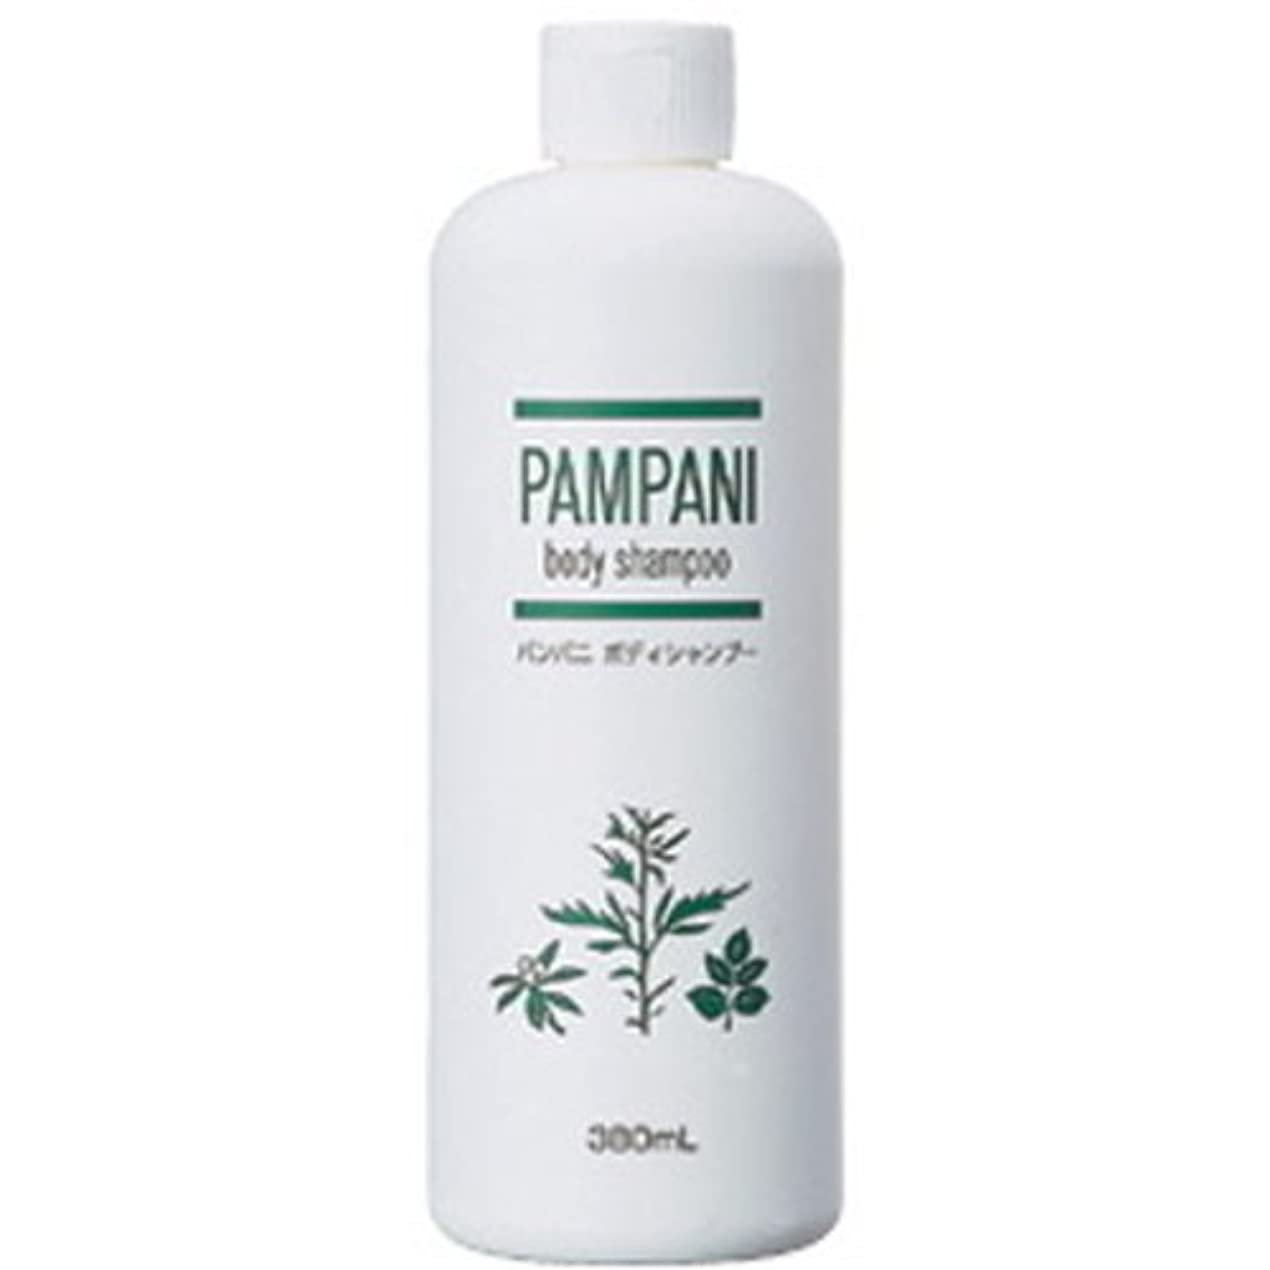 風味キリストハイブリッドパンパニ(PAMPANI) ボディシャンプー 380ml